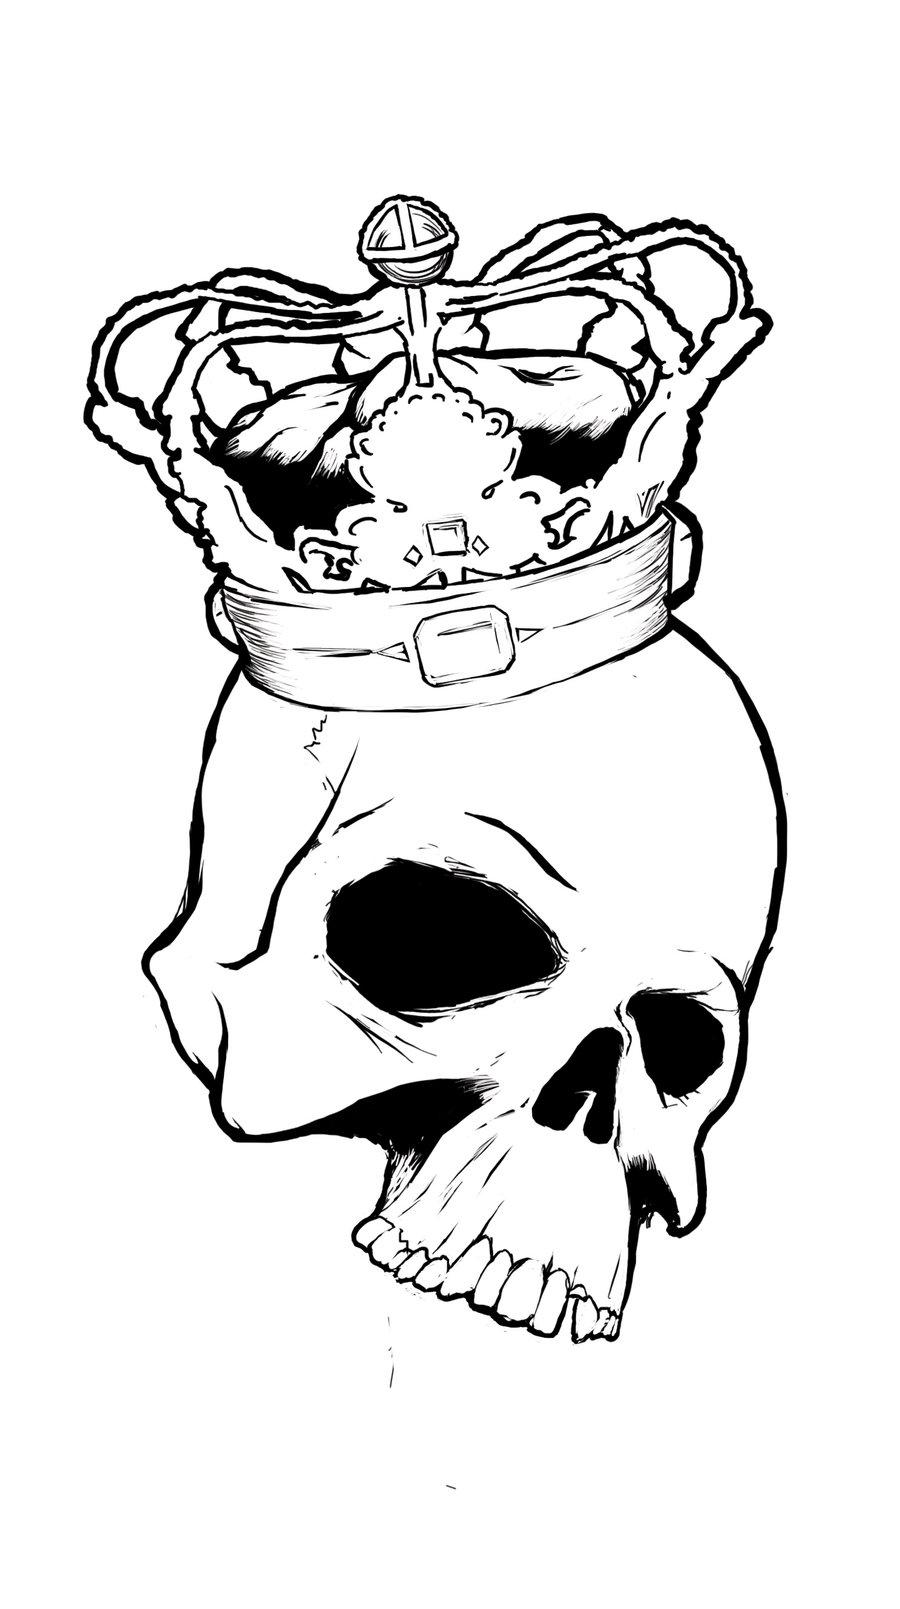 Drawn skull crown drawing Skull Crown Skull crown Crown